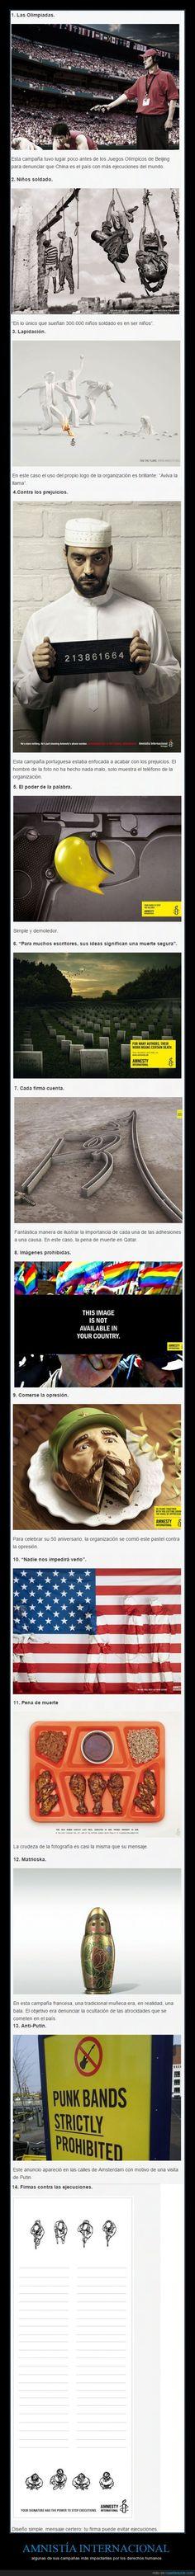 AMNISTÍA INTERNACIONAL - algunas de sus campañas más impactantes por los derechos humanos